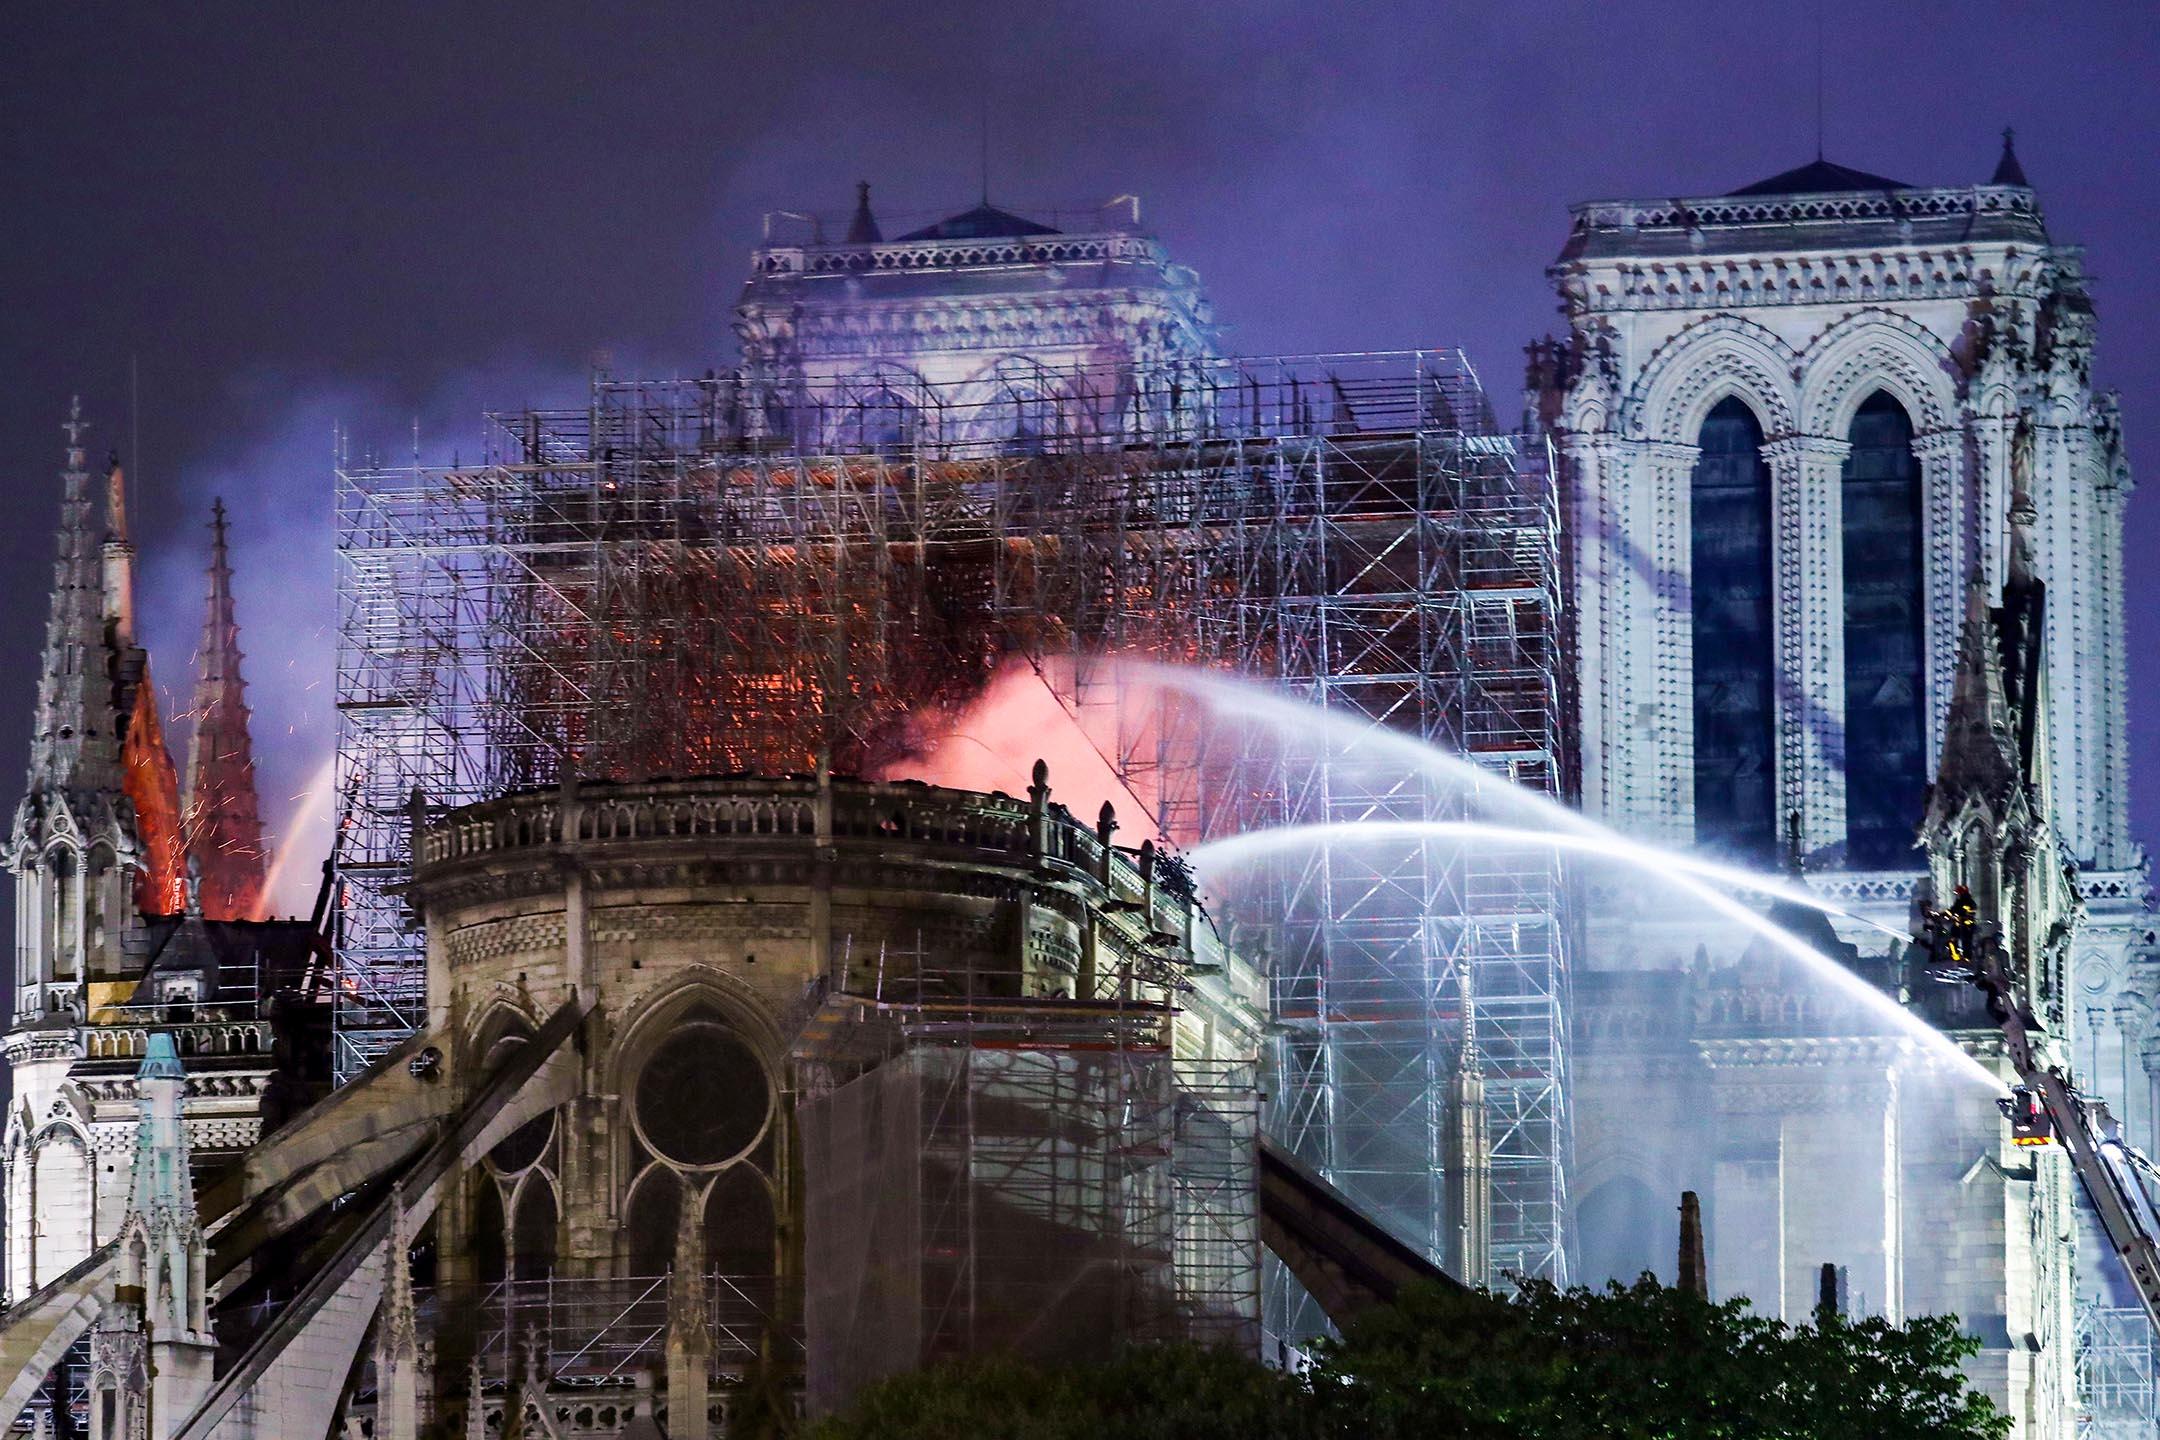 當地時間2019年4月16日,法國巴黎,巴黎聖母院火災撲滅工作進入收尾階段,眾多民眾聚集在塞納河沿岸,吟唱頌歌為聖母院祈禱。 圖:Eco Clement/UPI via IC photo